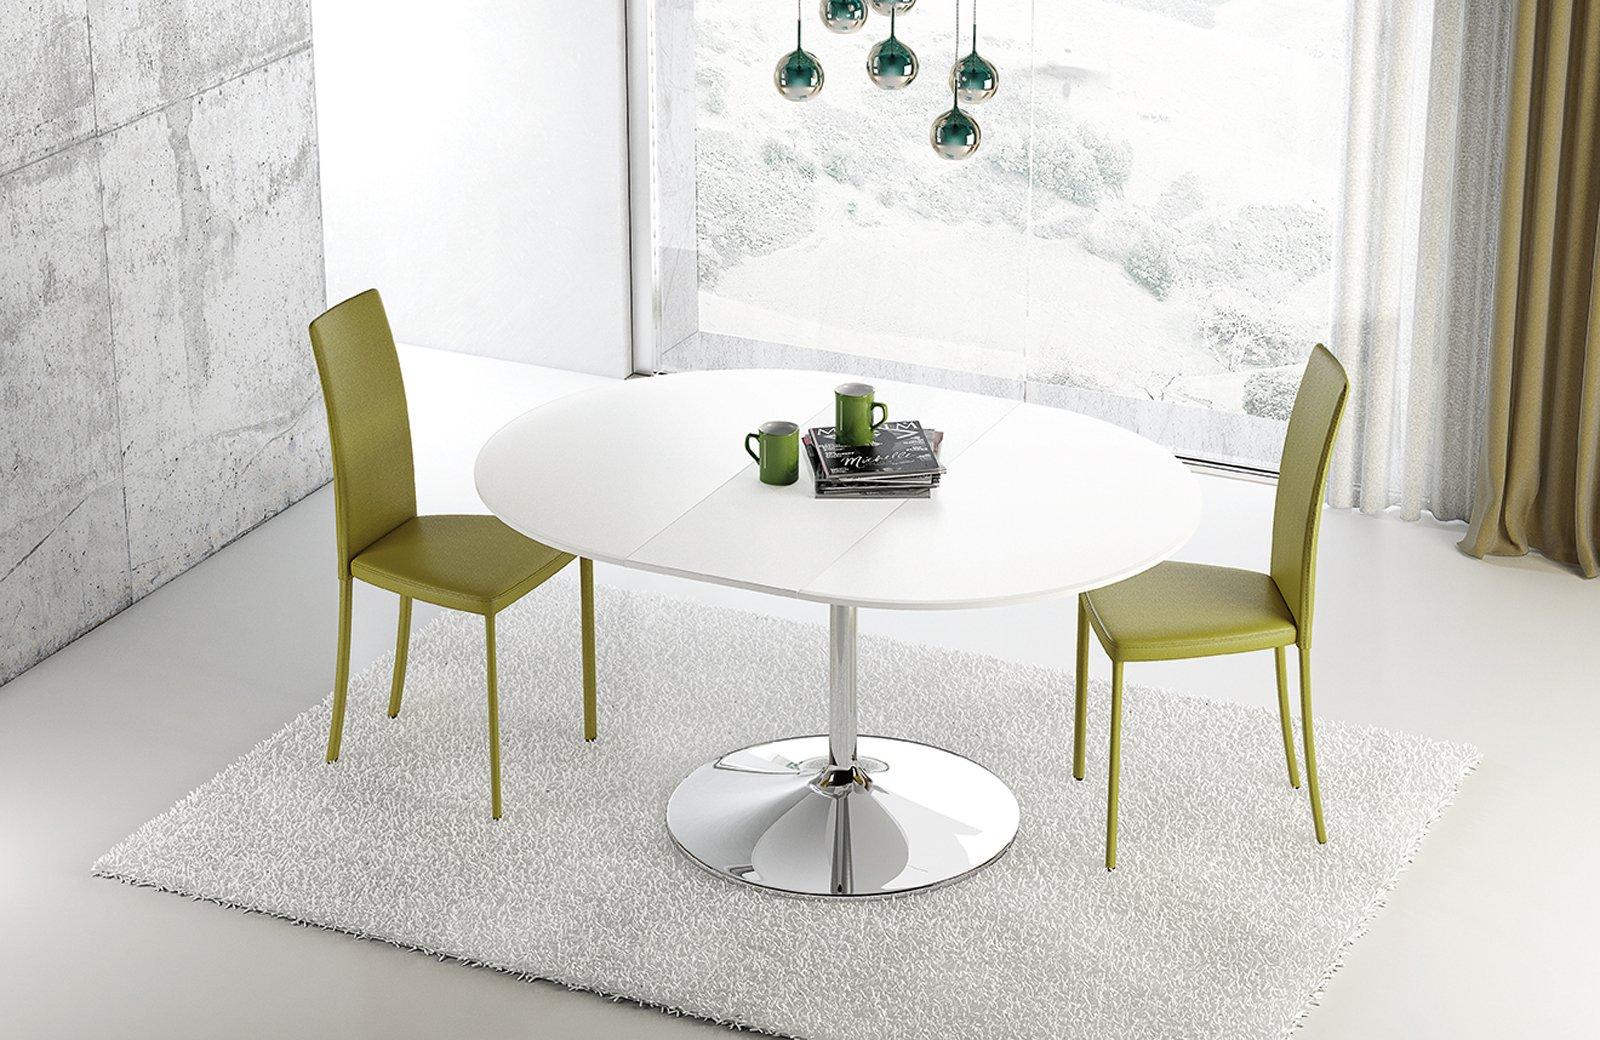 Tavolo rotondo allungabile contemporaneo classico in - Tavolo consolle allungabile stile classico ...